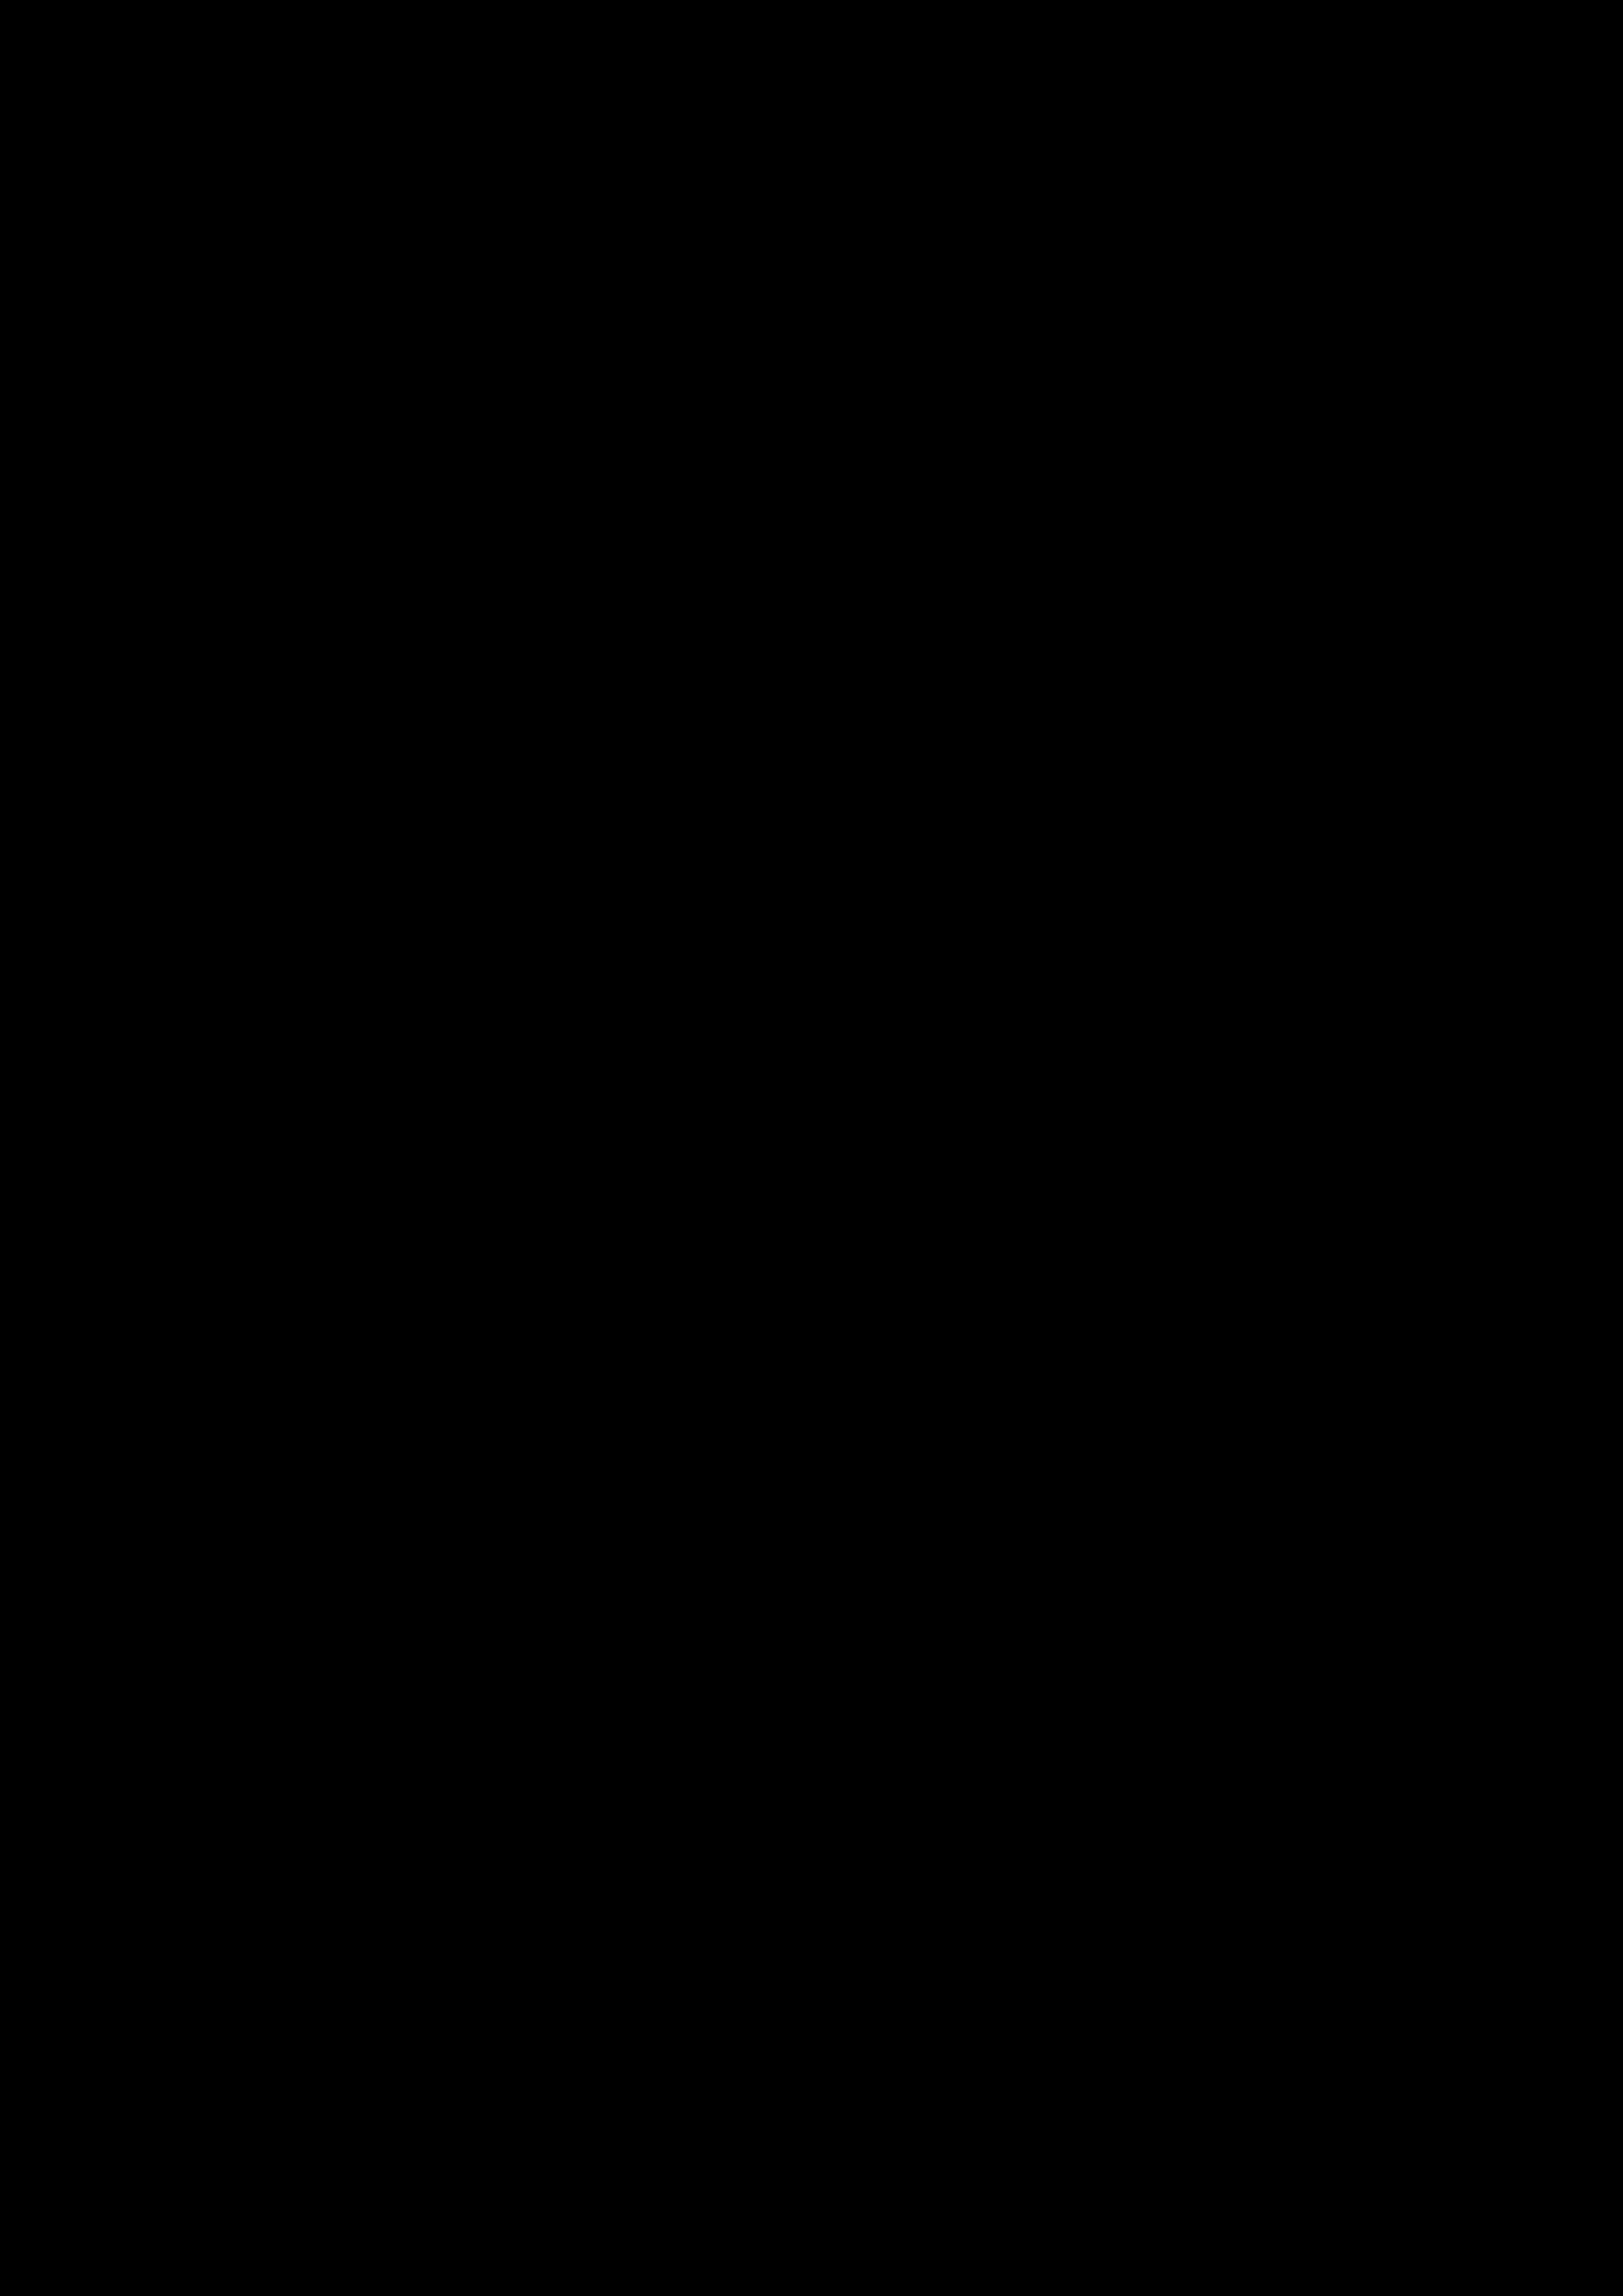 Jail-Cell-Bars-psd52403-307x2